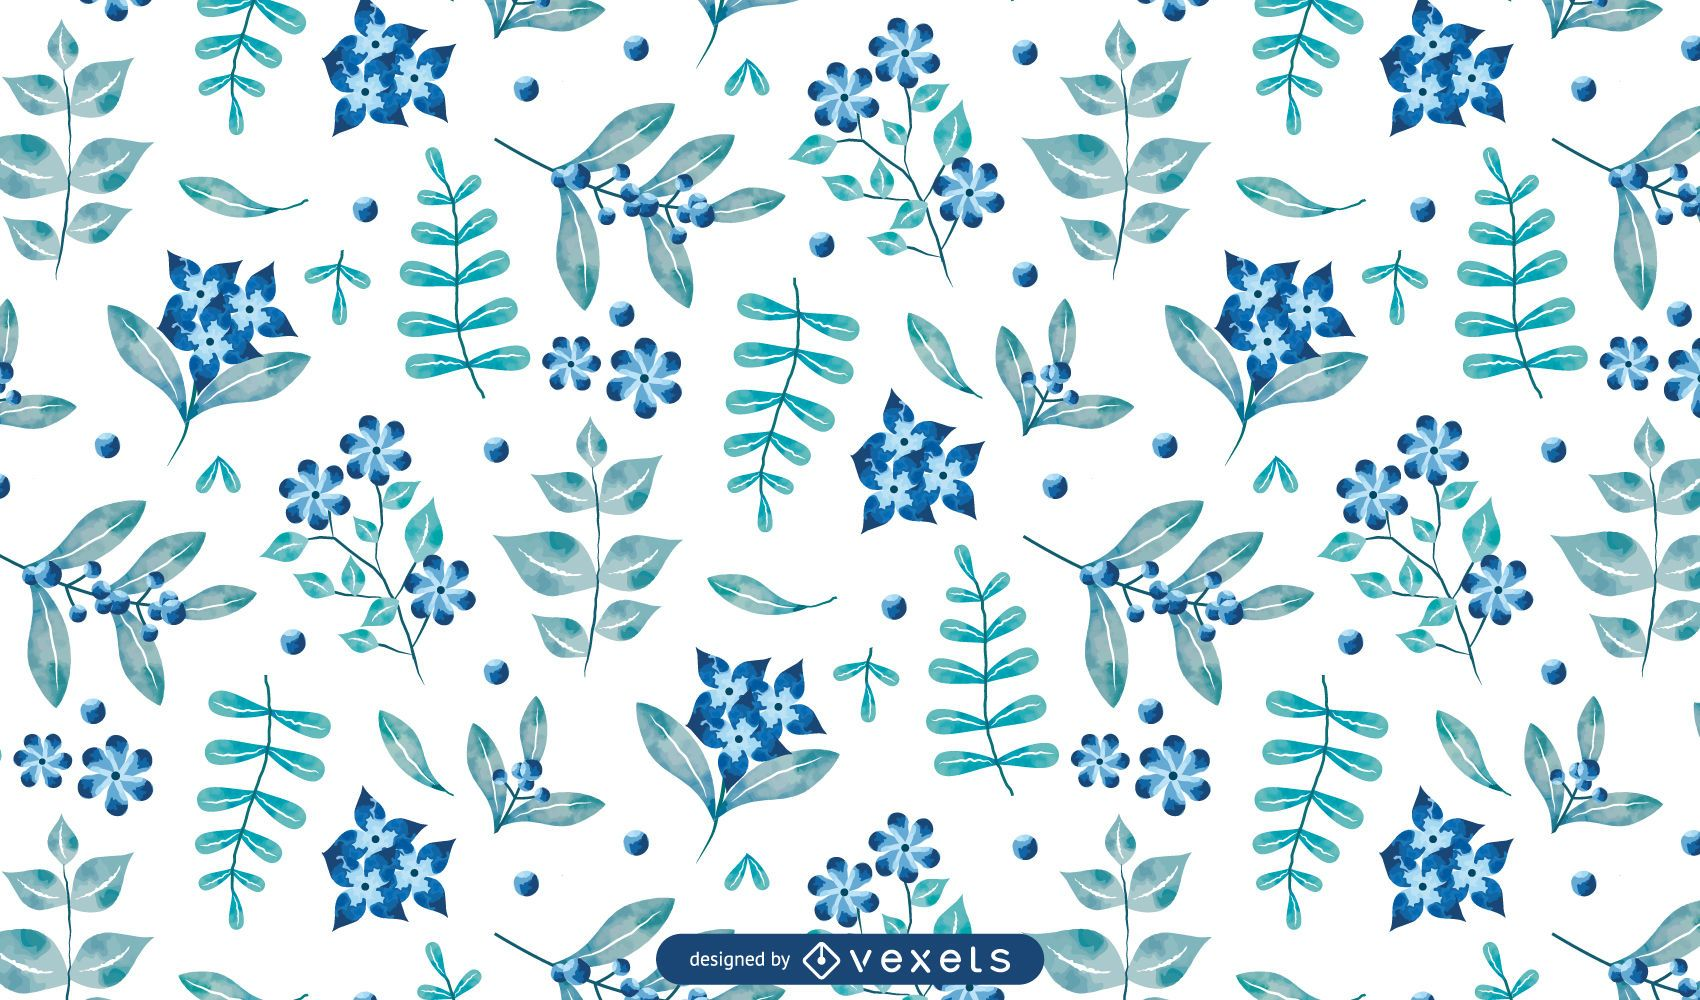 Diseño de patrón floral azul acuarela